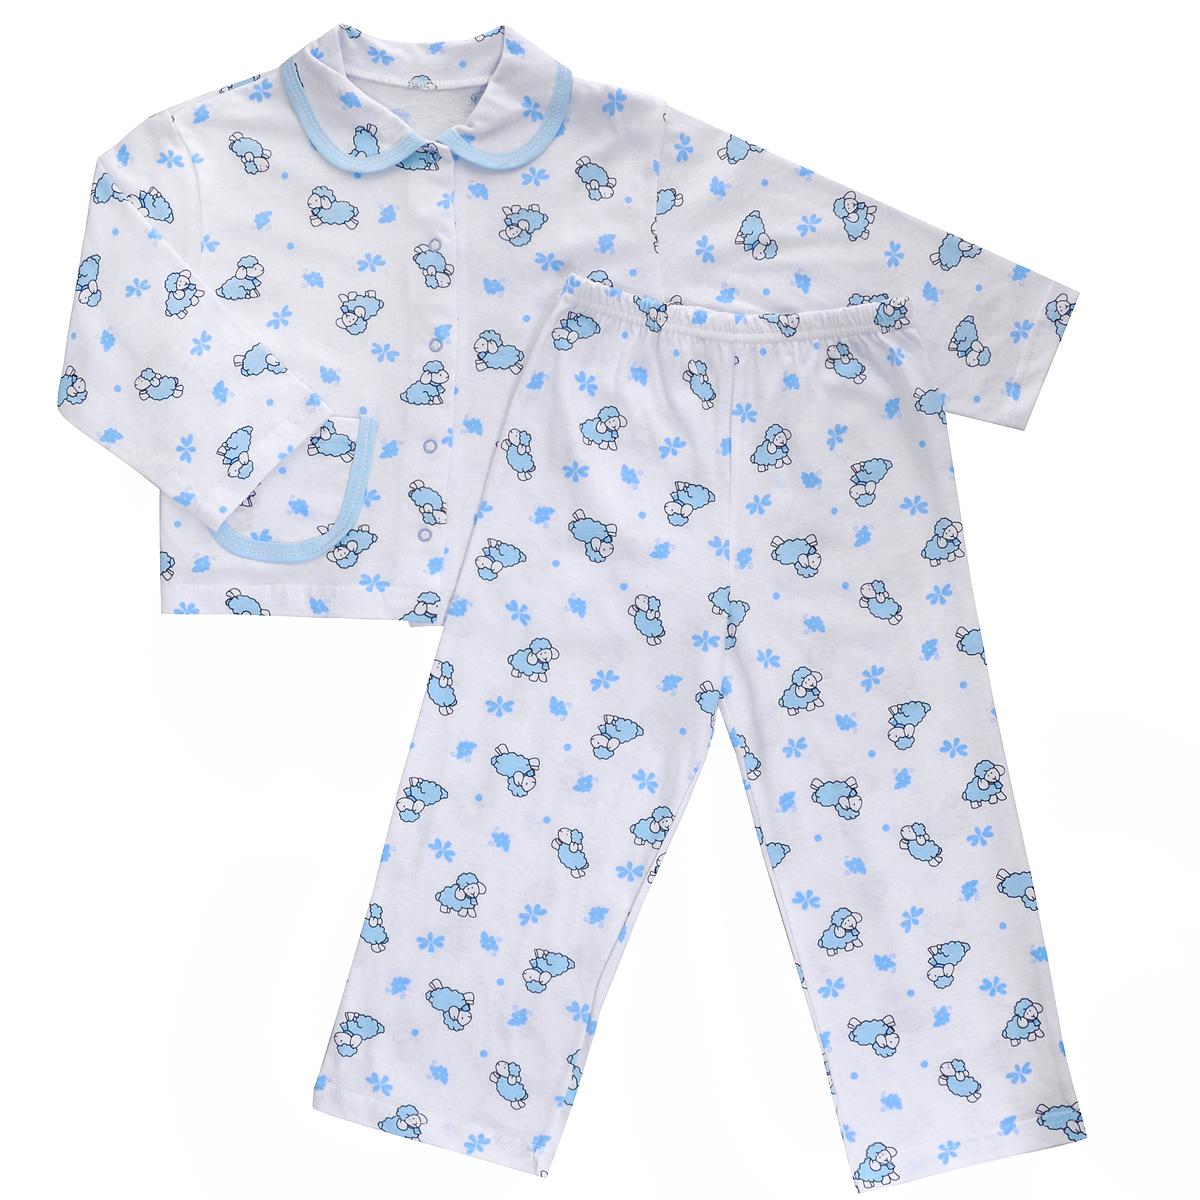 Пижама5562Яркая детская пижама Трон-плюс, состоящая из кофточки и штанишек, идеально подойдет вашему малышу и станет отличным дополнением к детскому гардеробу. Теплая пижама, изготовленная из кулирки - натурального хлопка, необычайно мягкая и легкая, не сковывает движения ребенка, позволяет коже дышать и не раздражает даже самую нежную и чувствительную кожу малыша. Кофта с длинными рукавами имеет отложной воротничок и застегивается на кнопки, также оформлена небольшим накладным карманчиком. Штанишки на удобной резинке не сдавливают животик ребенка и не сползают. В такой пижаме ваш ребенок будет чувствовать себя комфортно и уютно во время сна.